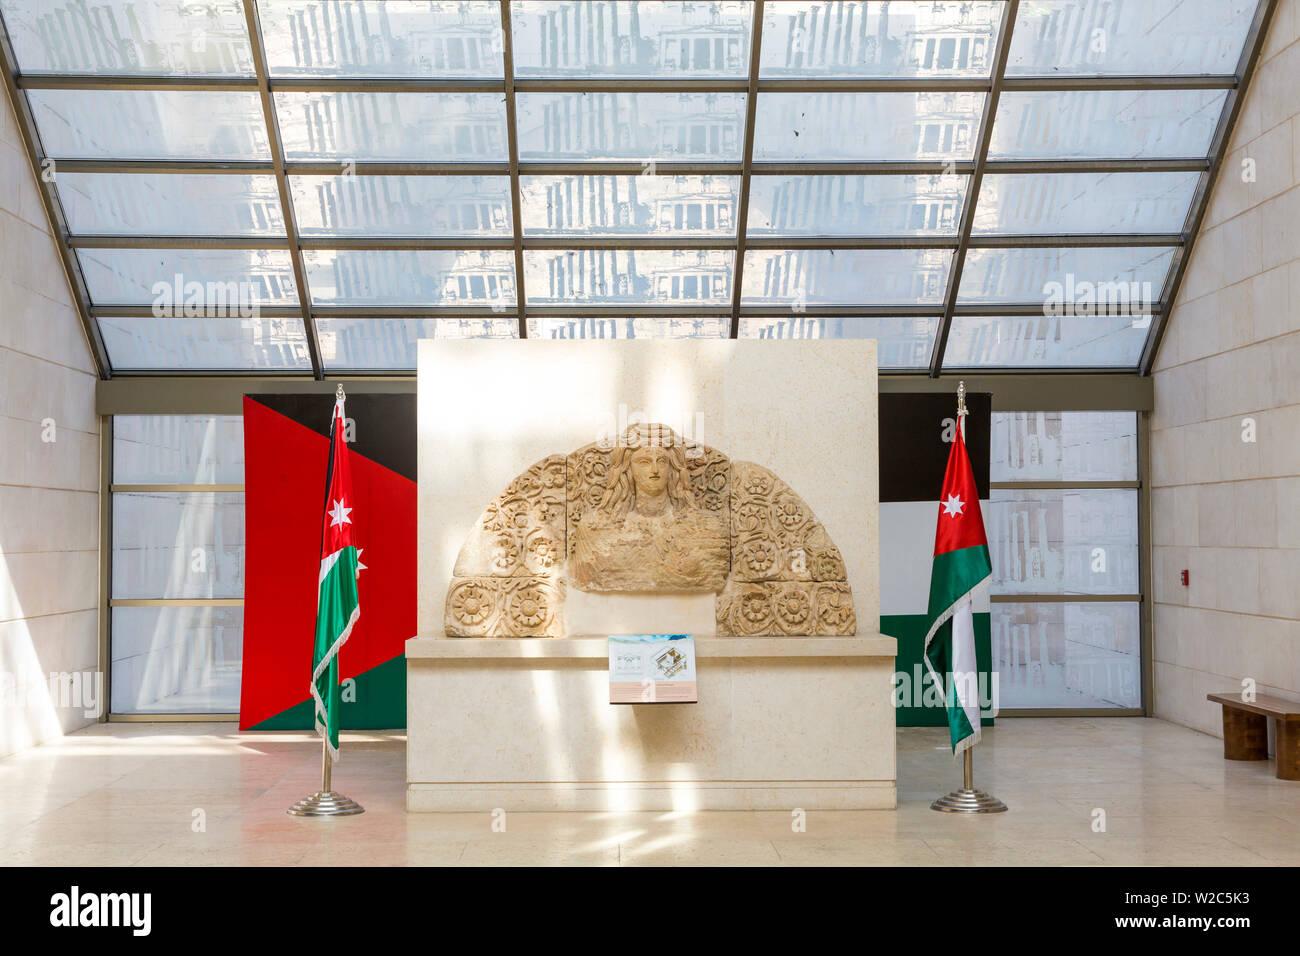 Foyer of The Jordan Museum, Ras al-Ayn, Amman, Jordan - Stock Image